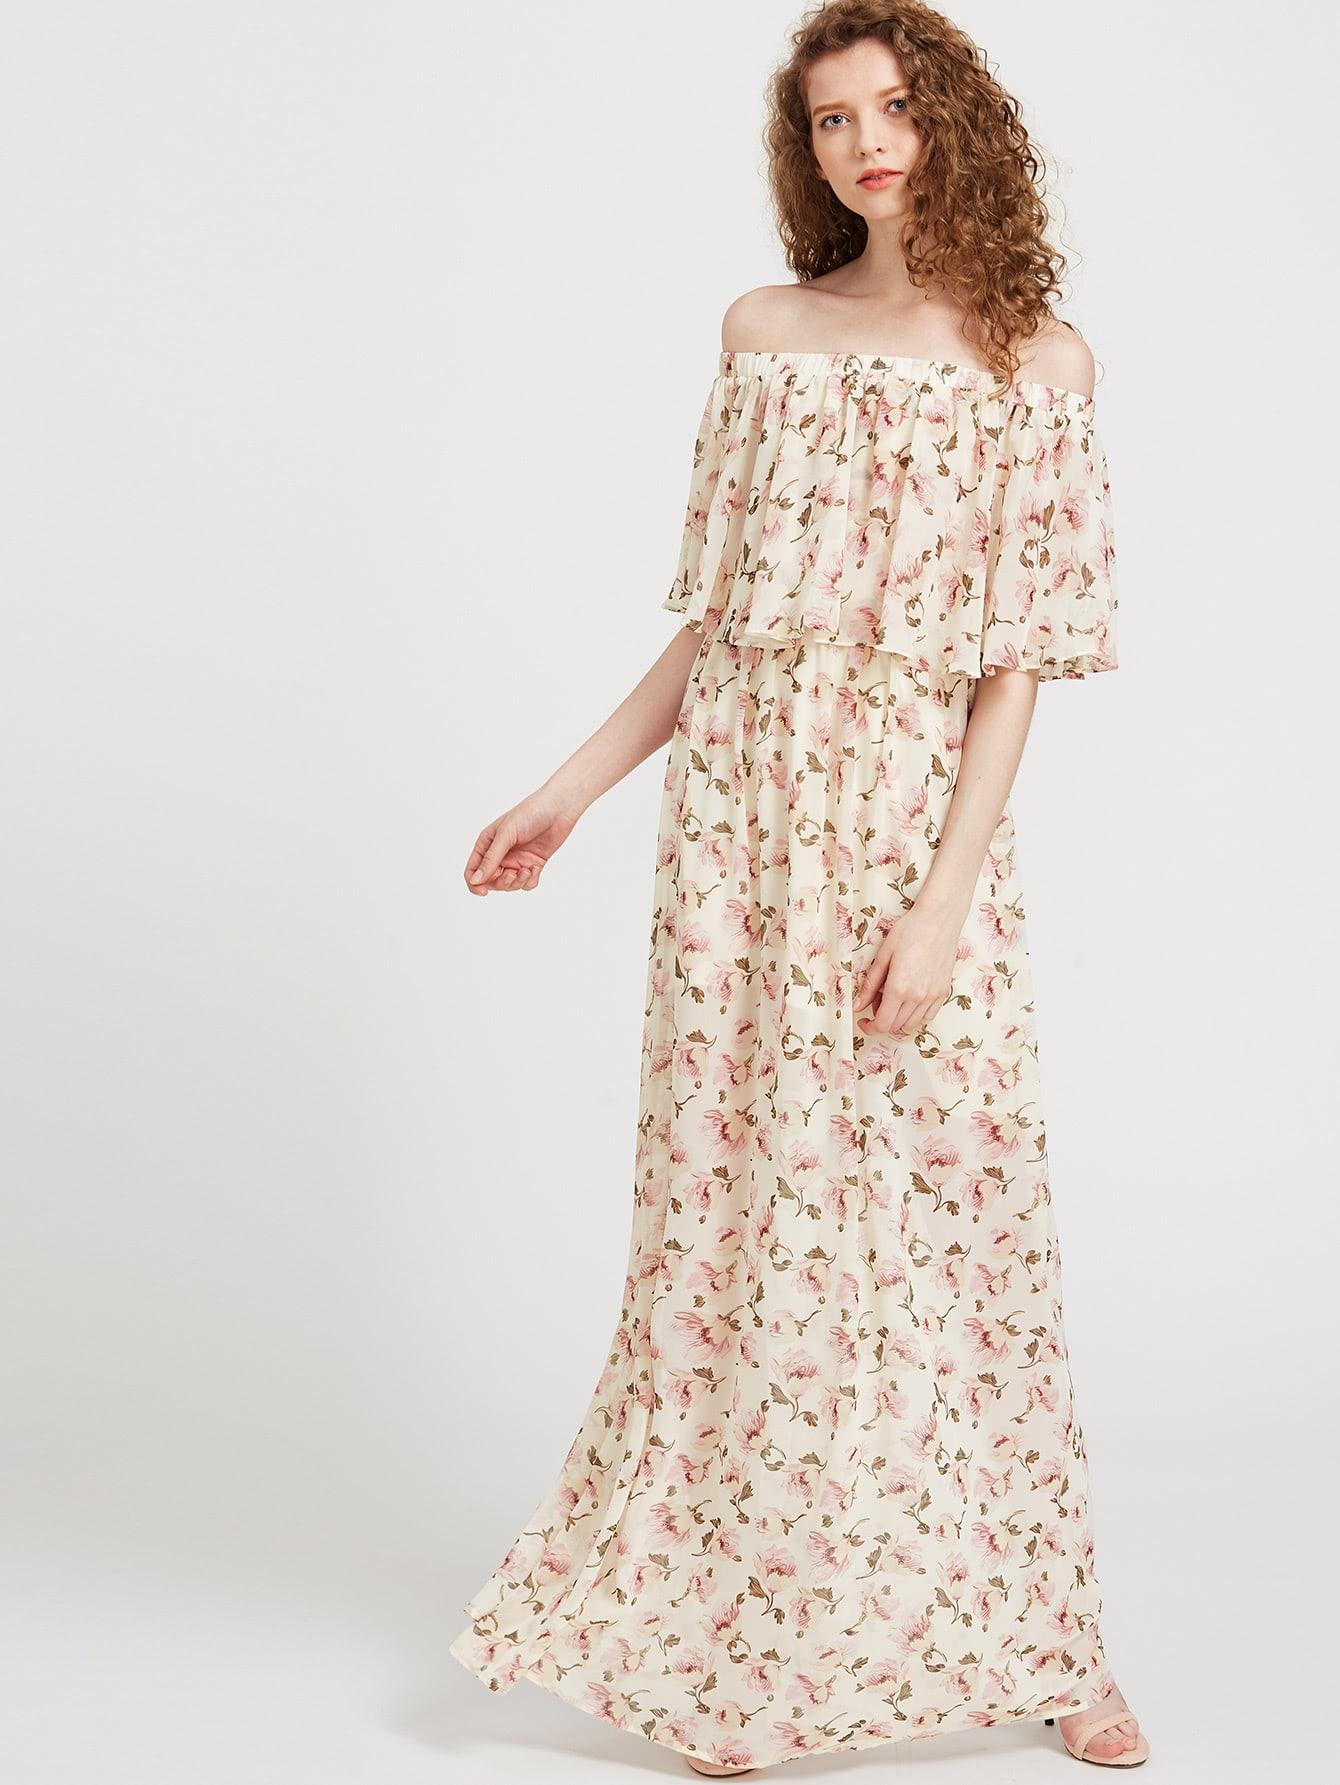 Фото Floral Print Flounce Layered Neckline Dress. Купить с доставкой